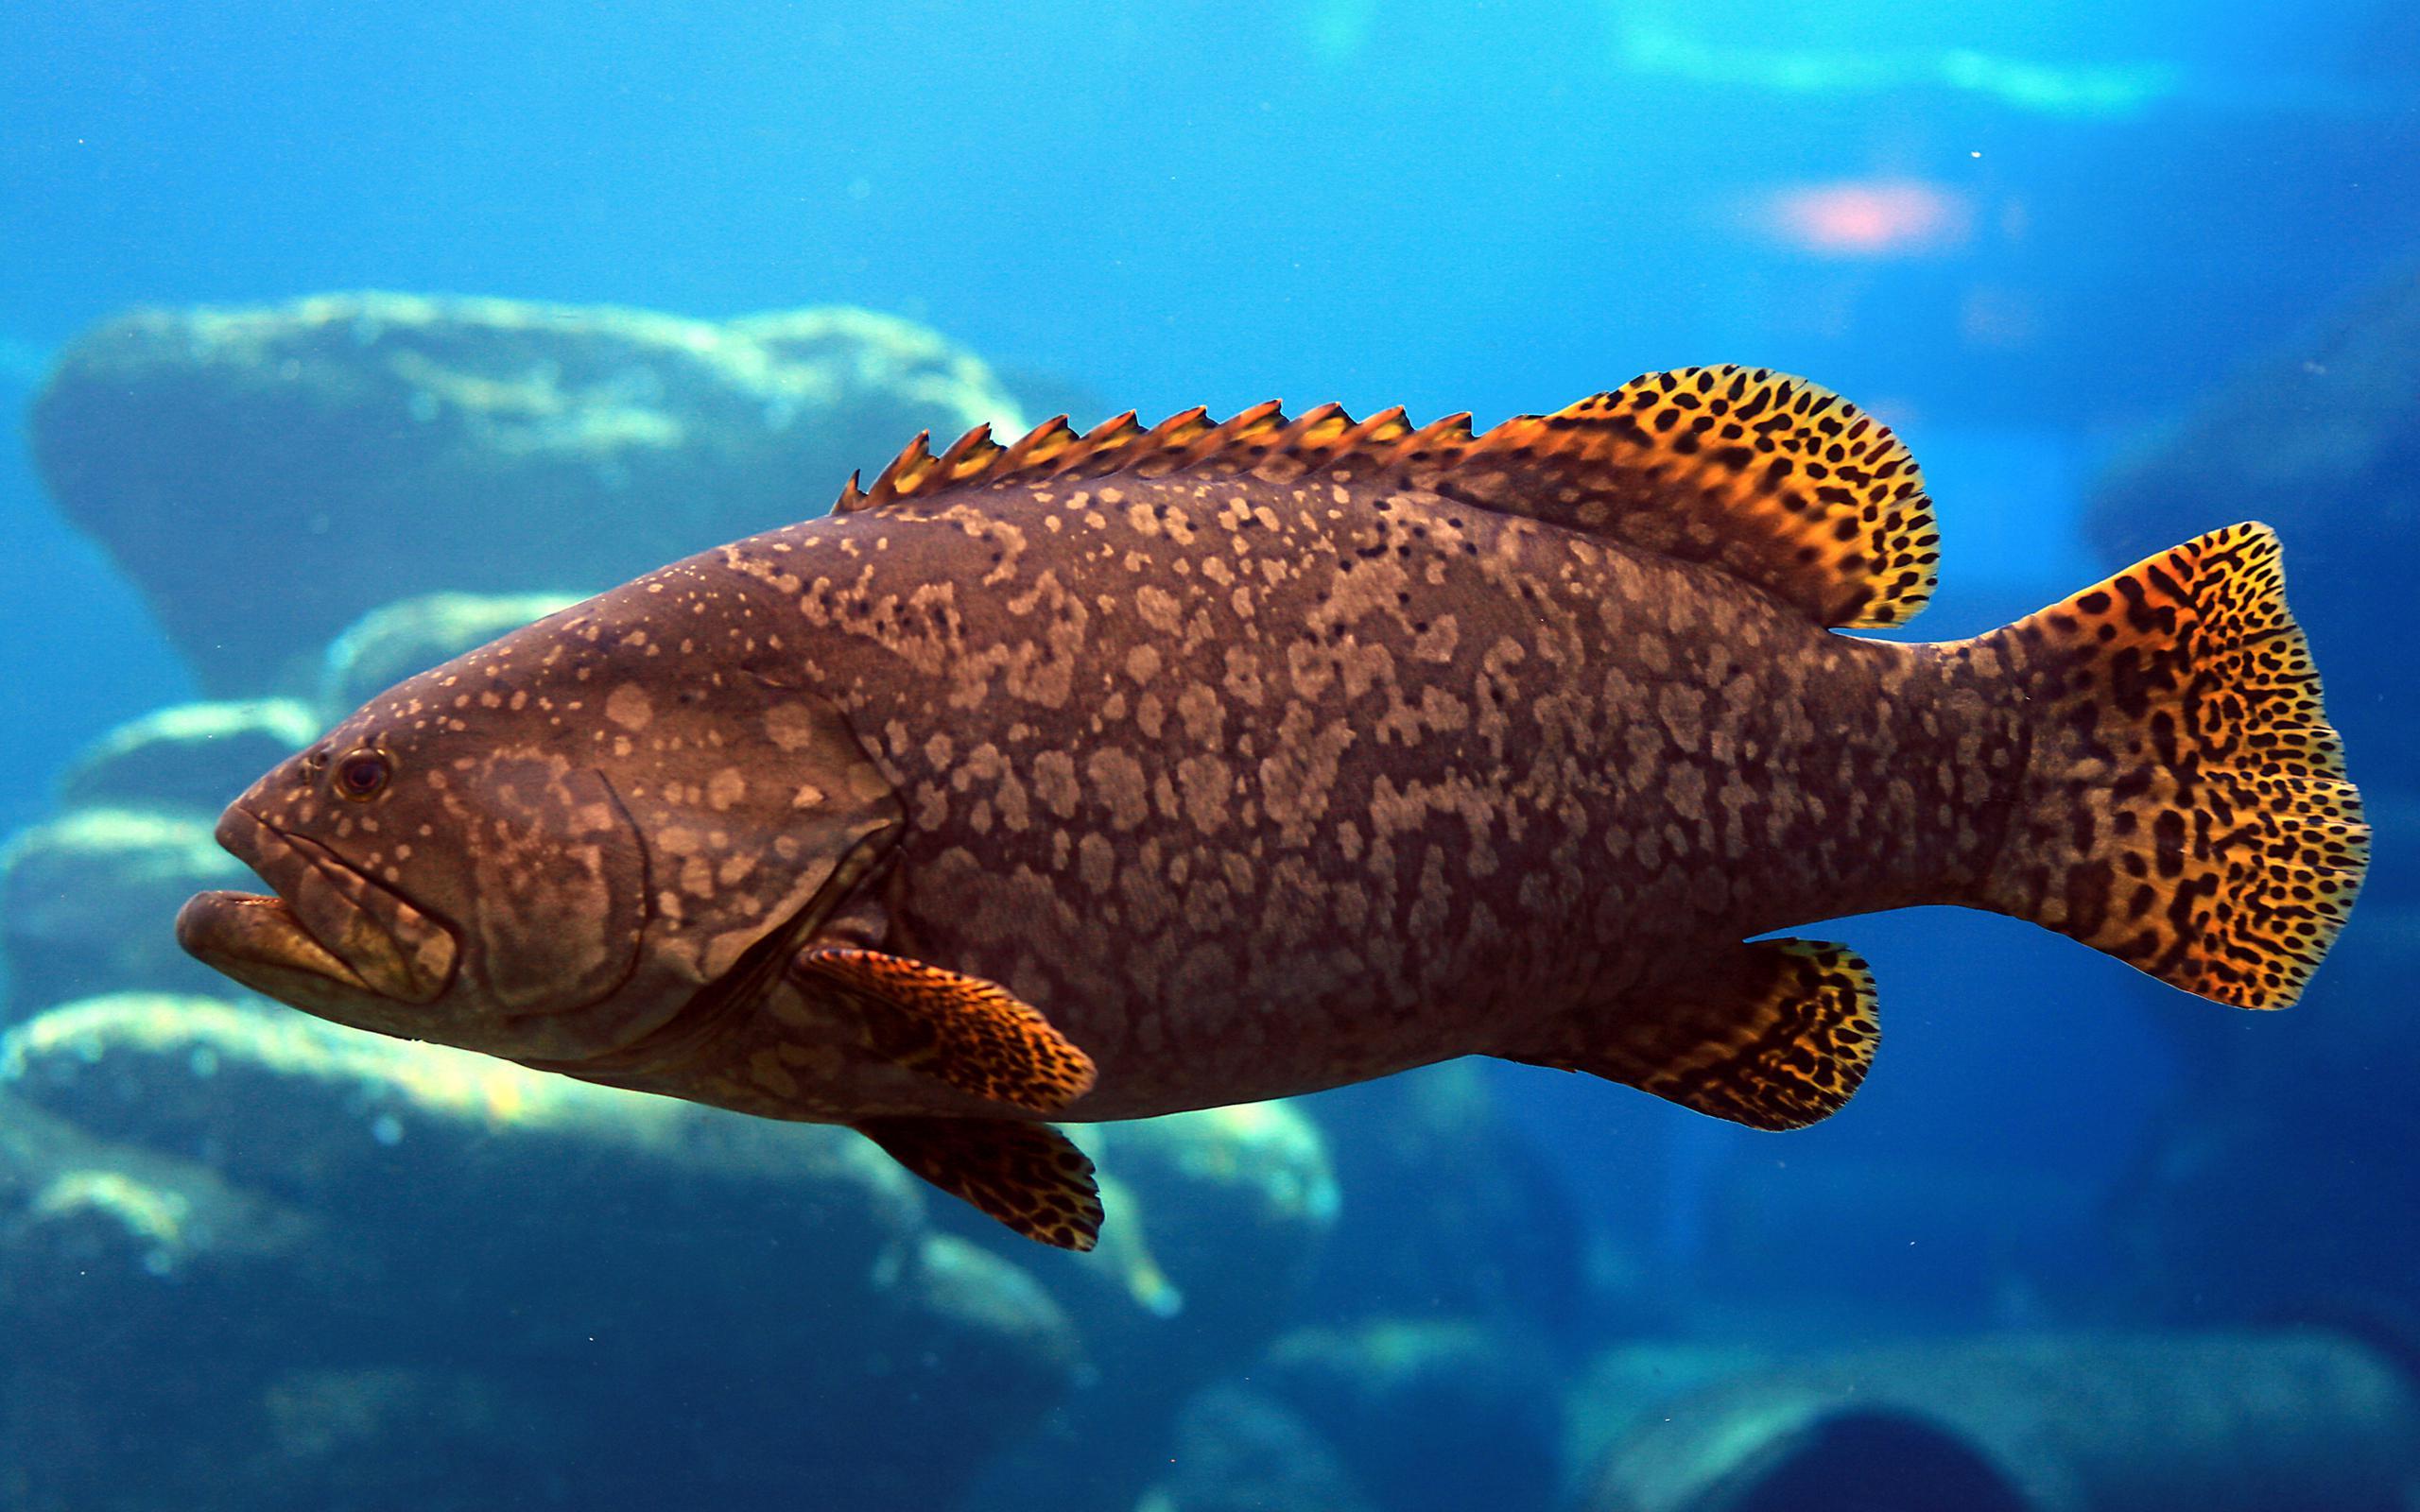 Titanic 3d Pro Live Wallpaper Free Download Ocean Fish Wallpaper Hd Pixelstalk Net